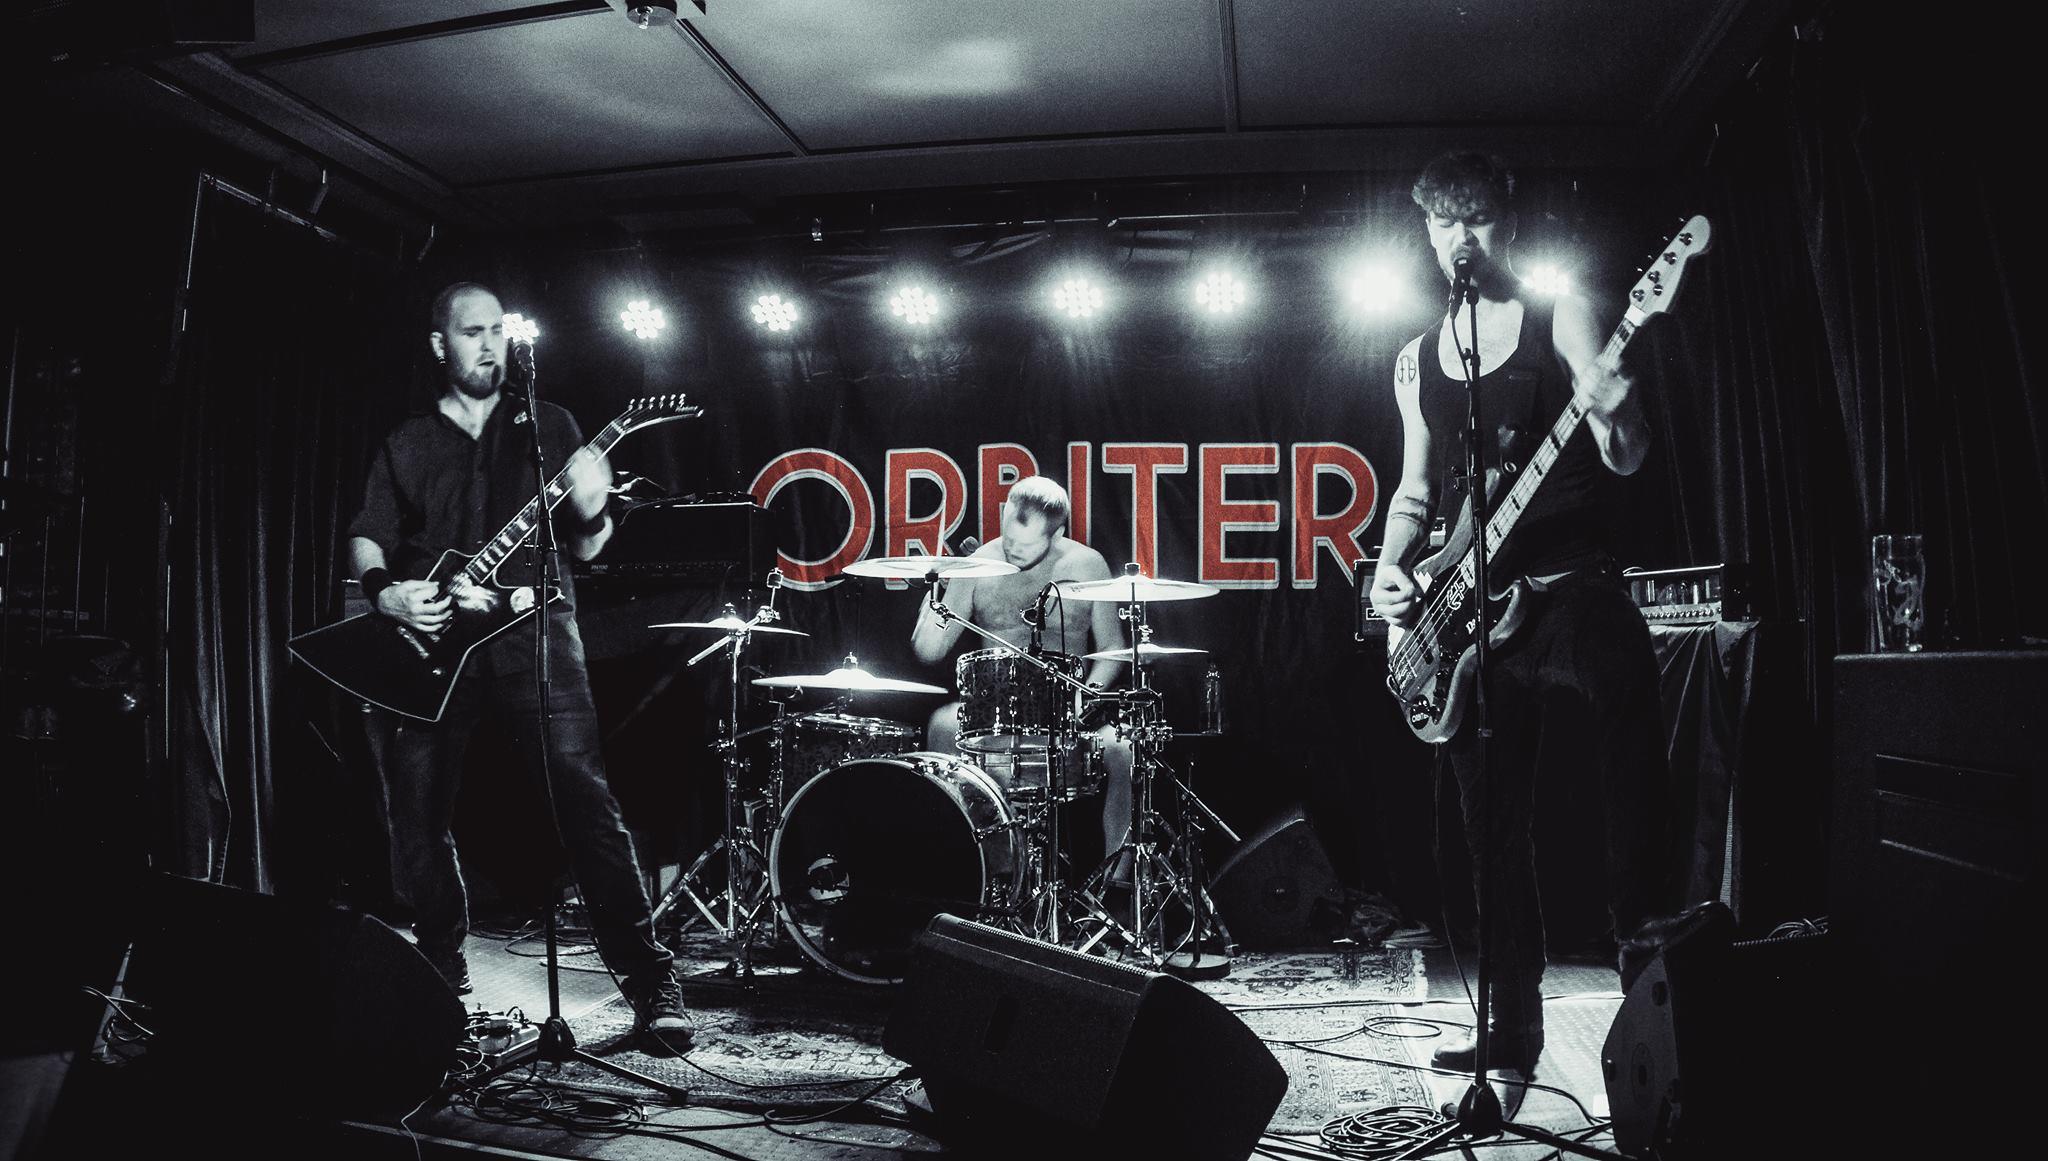 orbiter (Photo by Olya Lavrik)